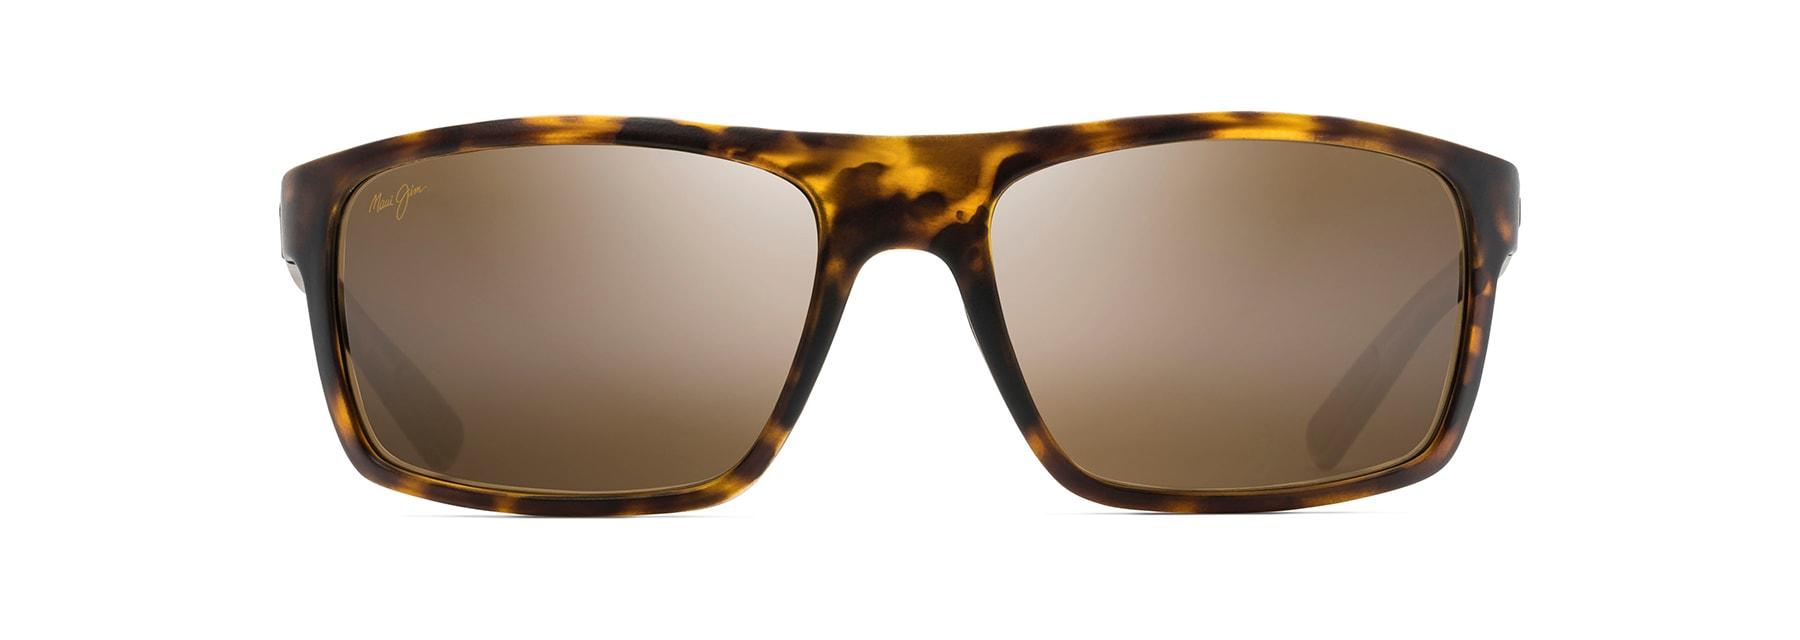 e31dd8313974 Byron Bay Polarized Sunglasses